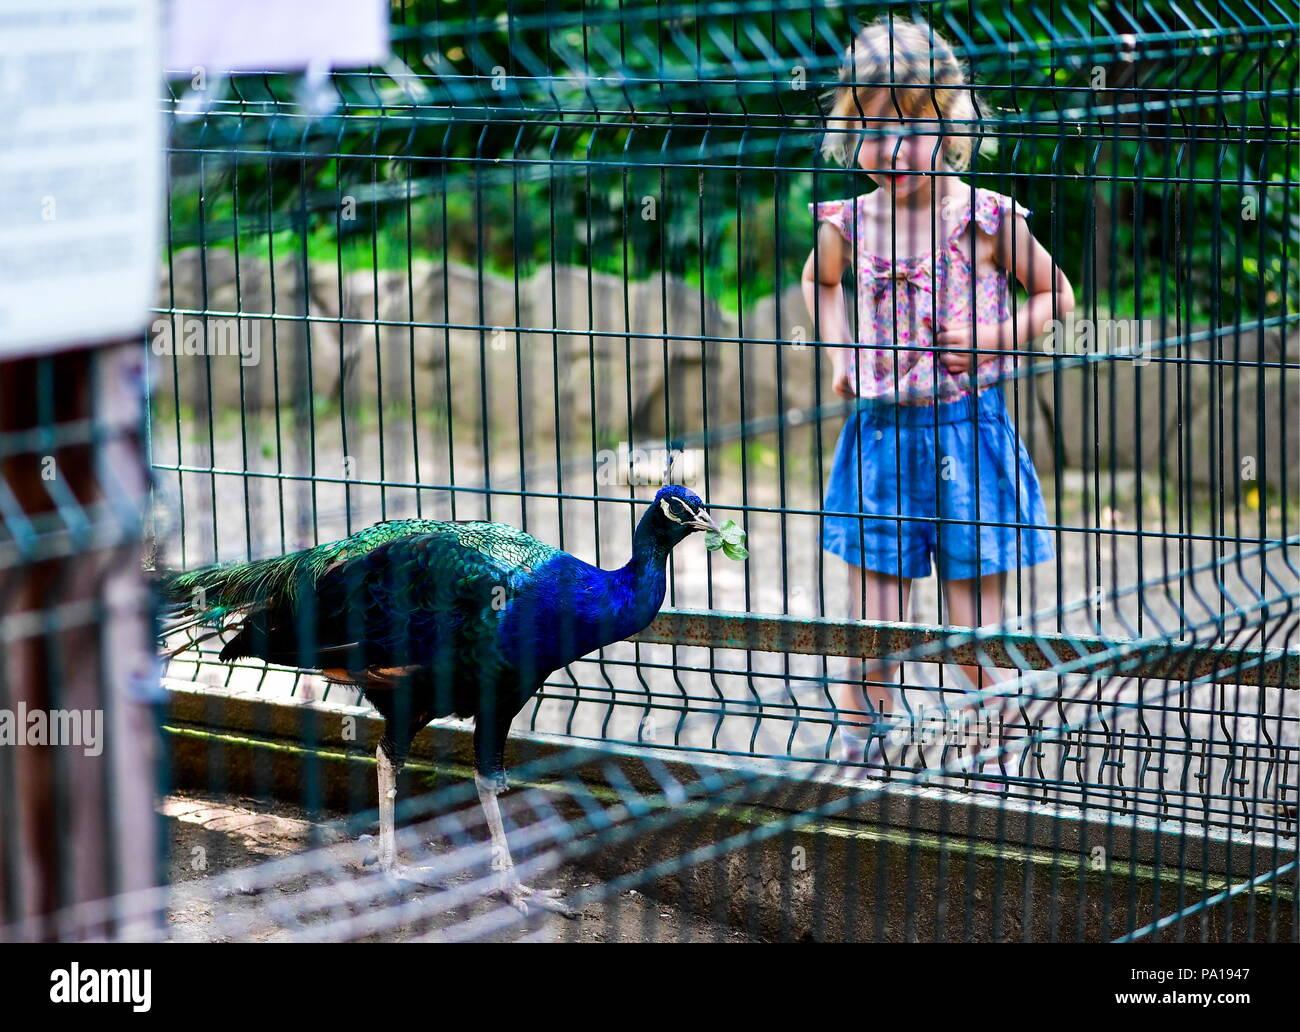 Vladivostok, Russie. 20 juillet, 2018. VLADIVOSTOK, Russie - le 20 juillet 2018: une fille ressemble à un paon dans un enclos au zoo le Sadgorod. Yuri/Smityuk Crédit: TASS ITAR-TASS News Agency/Alamy Live News Photo Stock